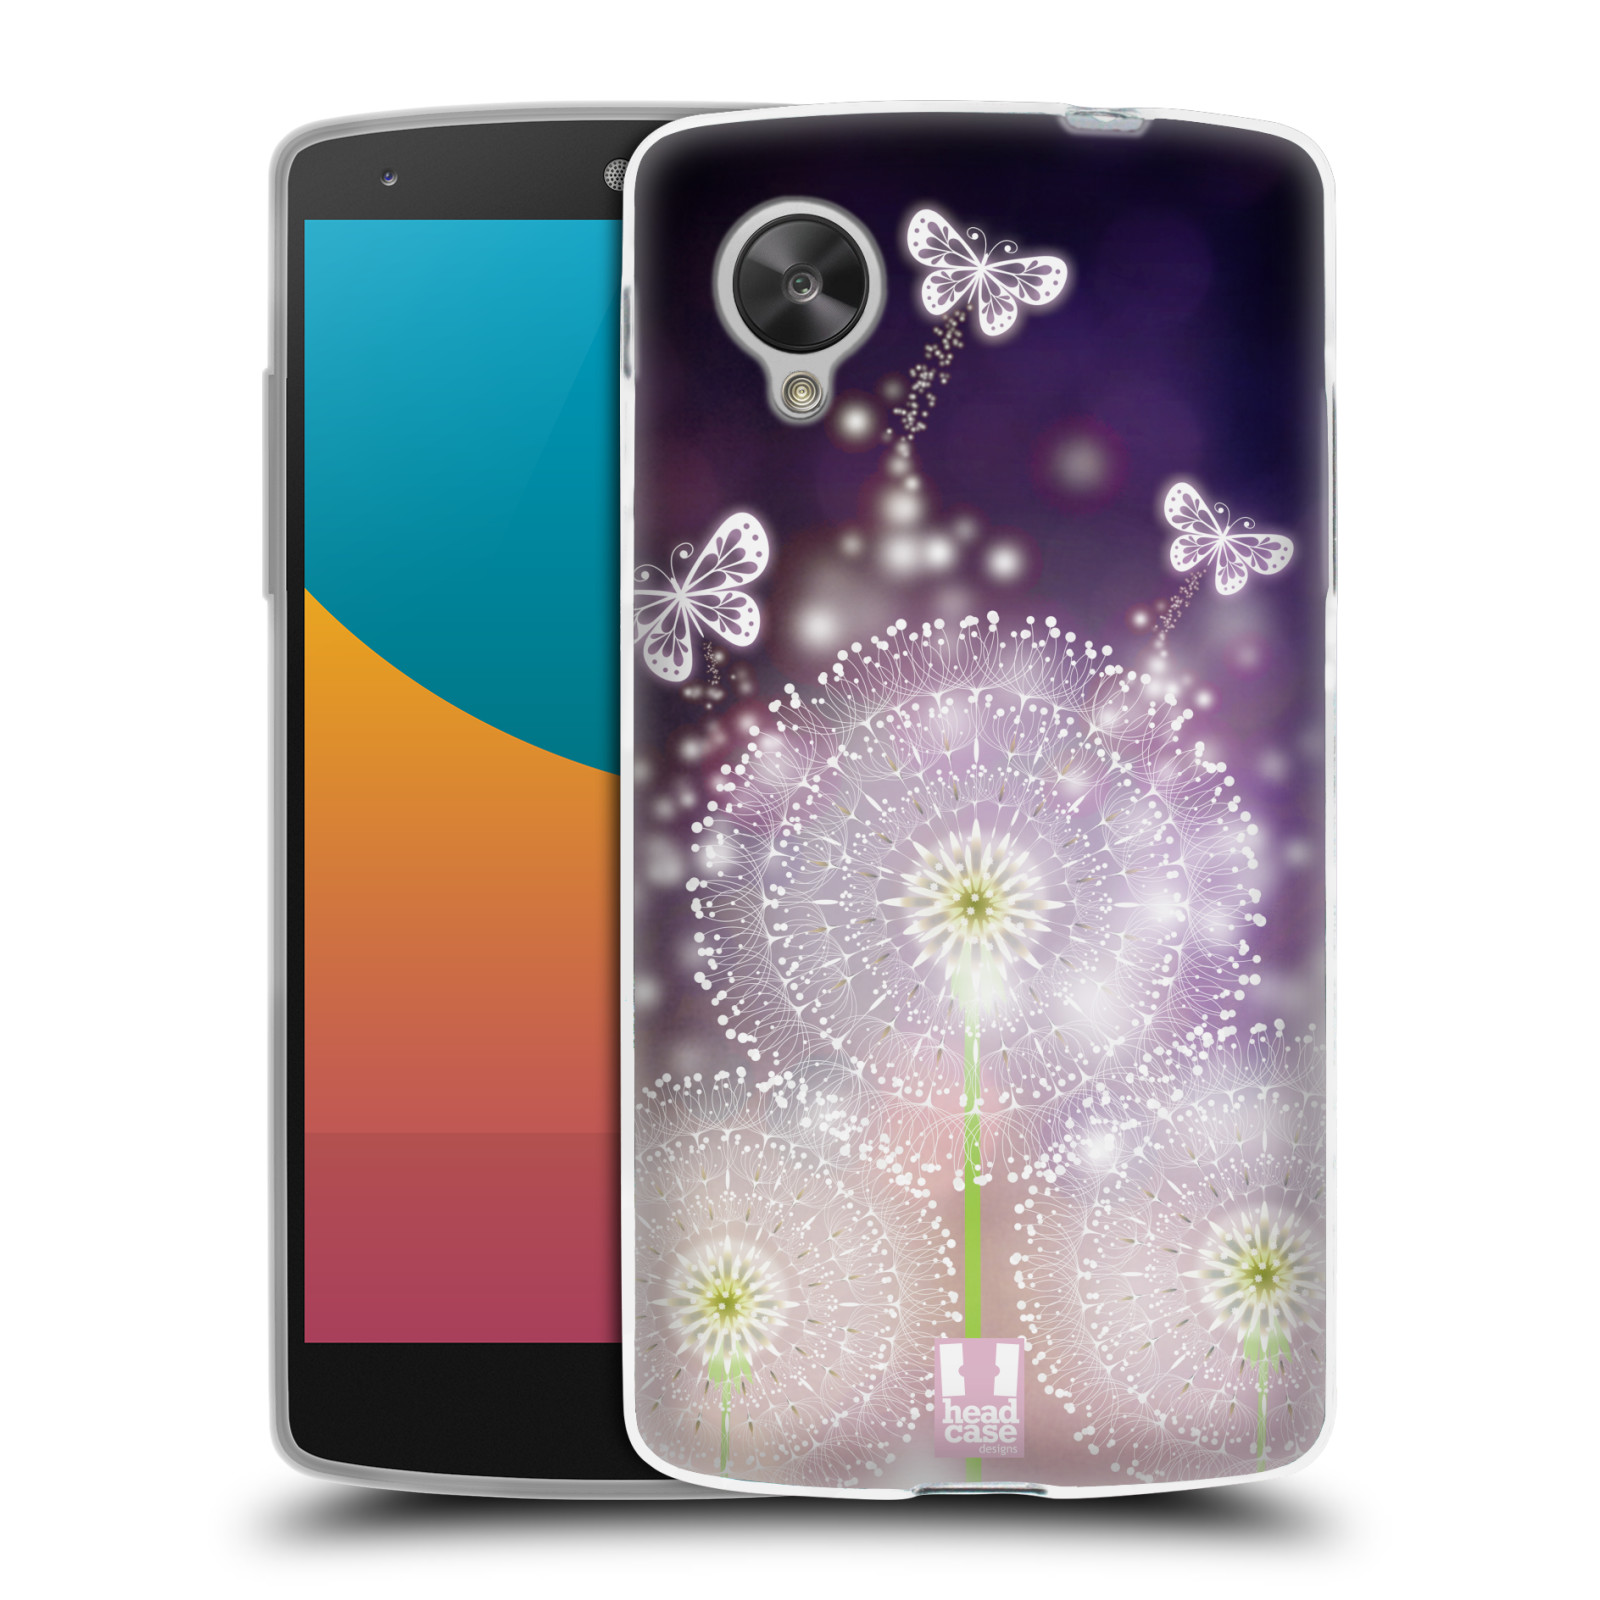 Silikonové pouzdro na mobil LG Nexus 5 HEAD CASE Pampelišky a Motýlci (Silikonový kryt či obal na mobilní telefon LG Google Nexus 5 D821)